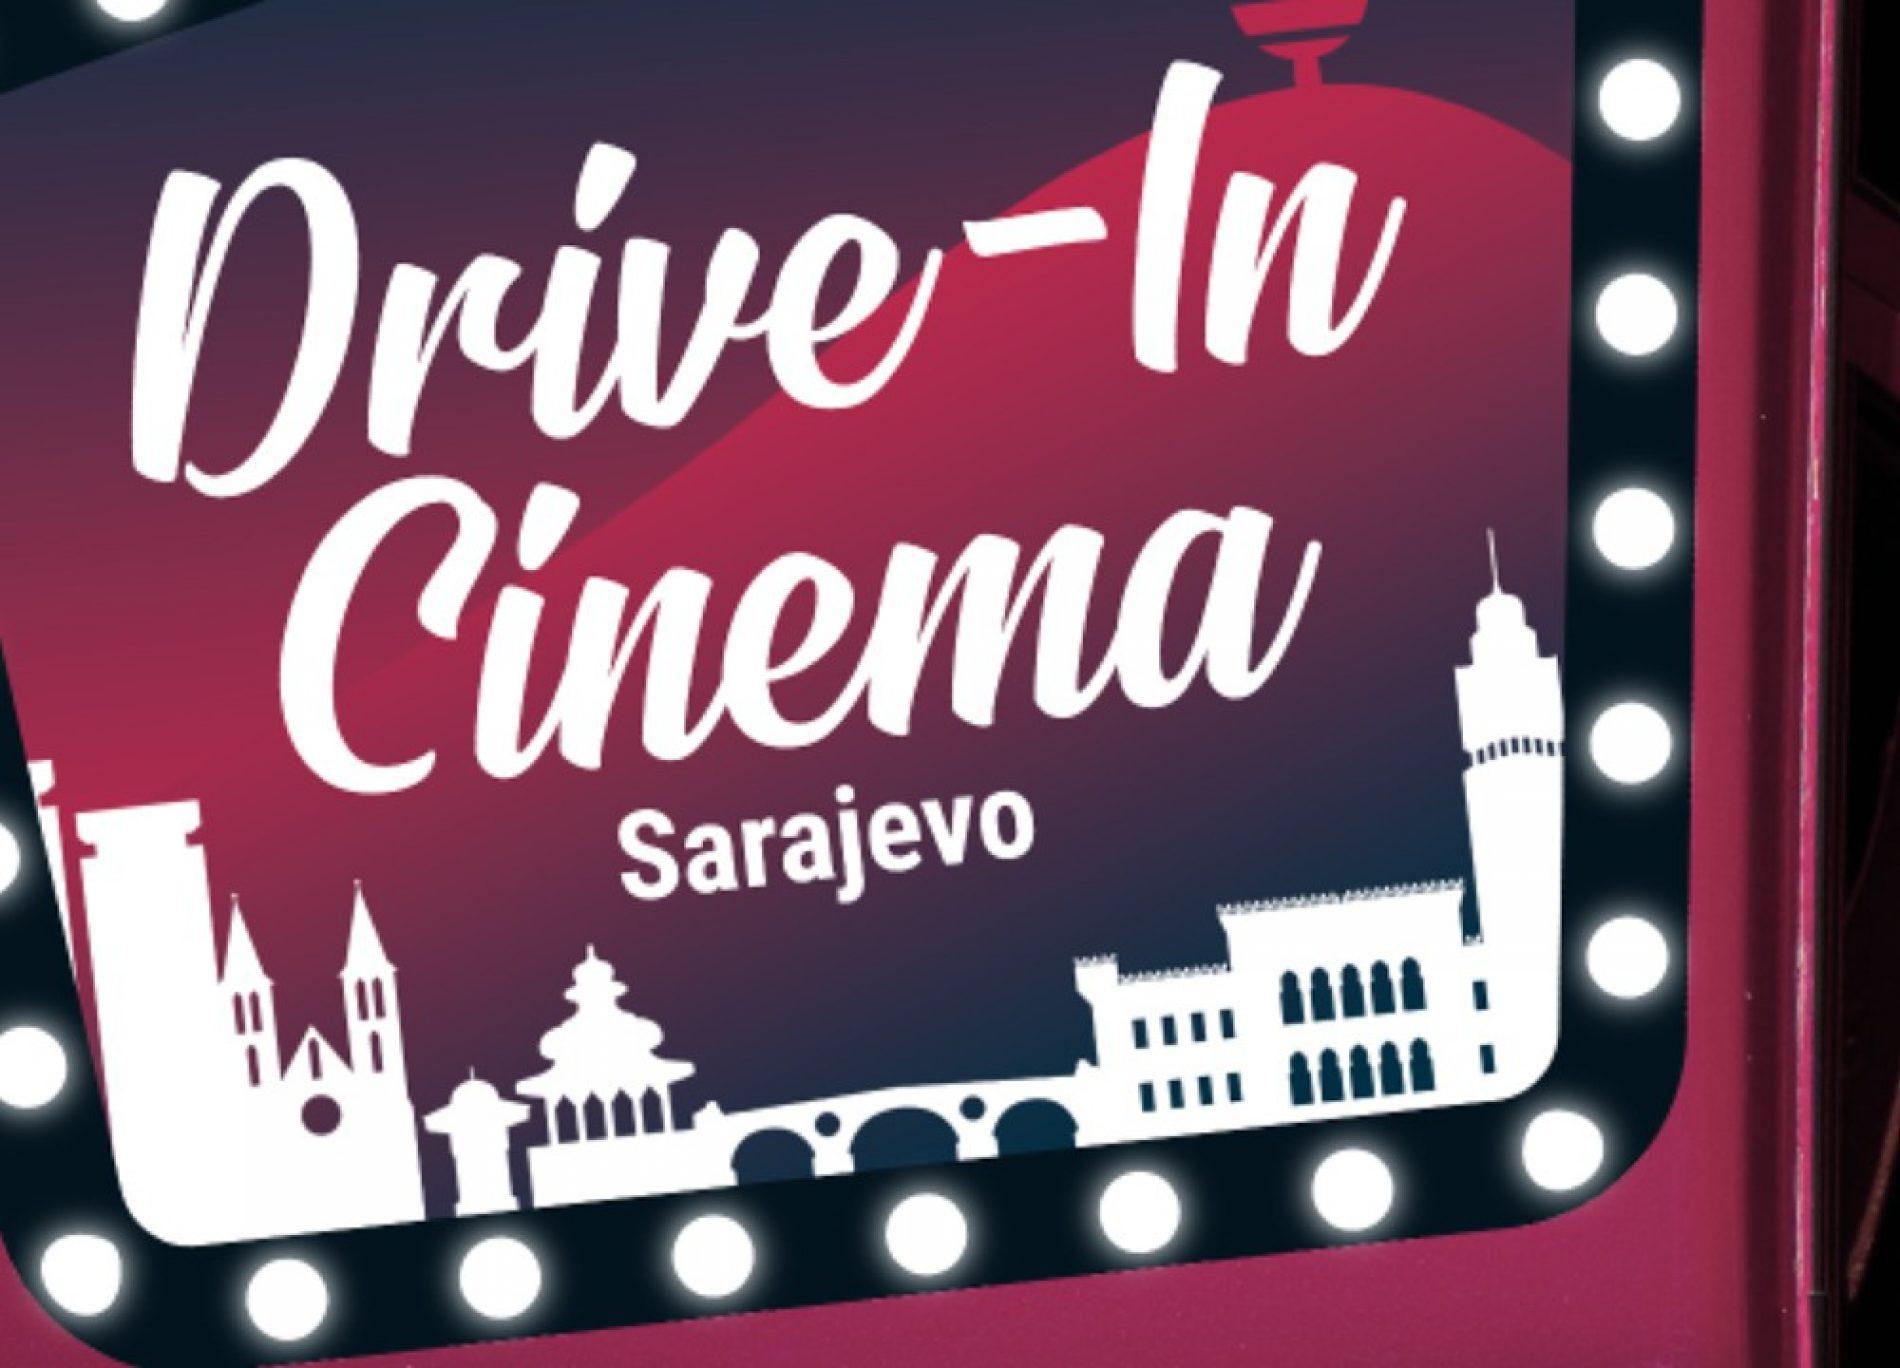 Uskoro Drive-in Cinema, prvi ovakve vrste u Sarajevu